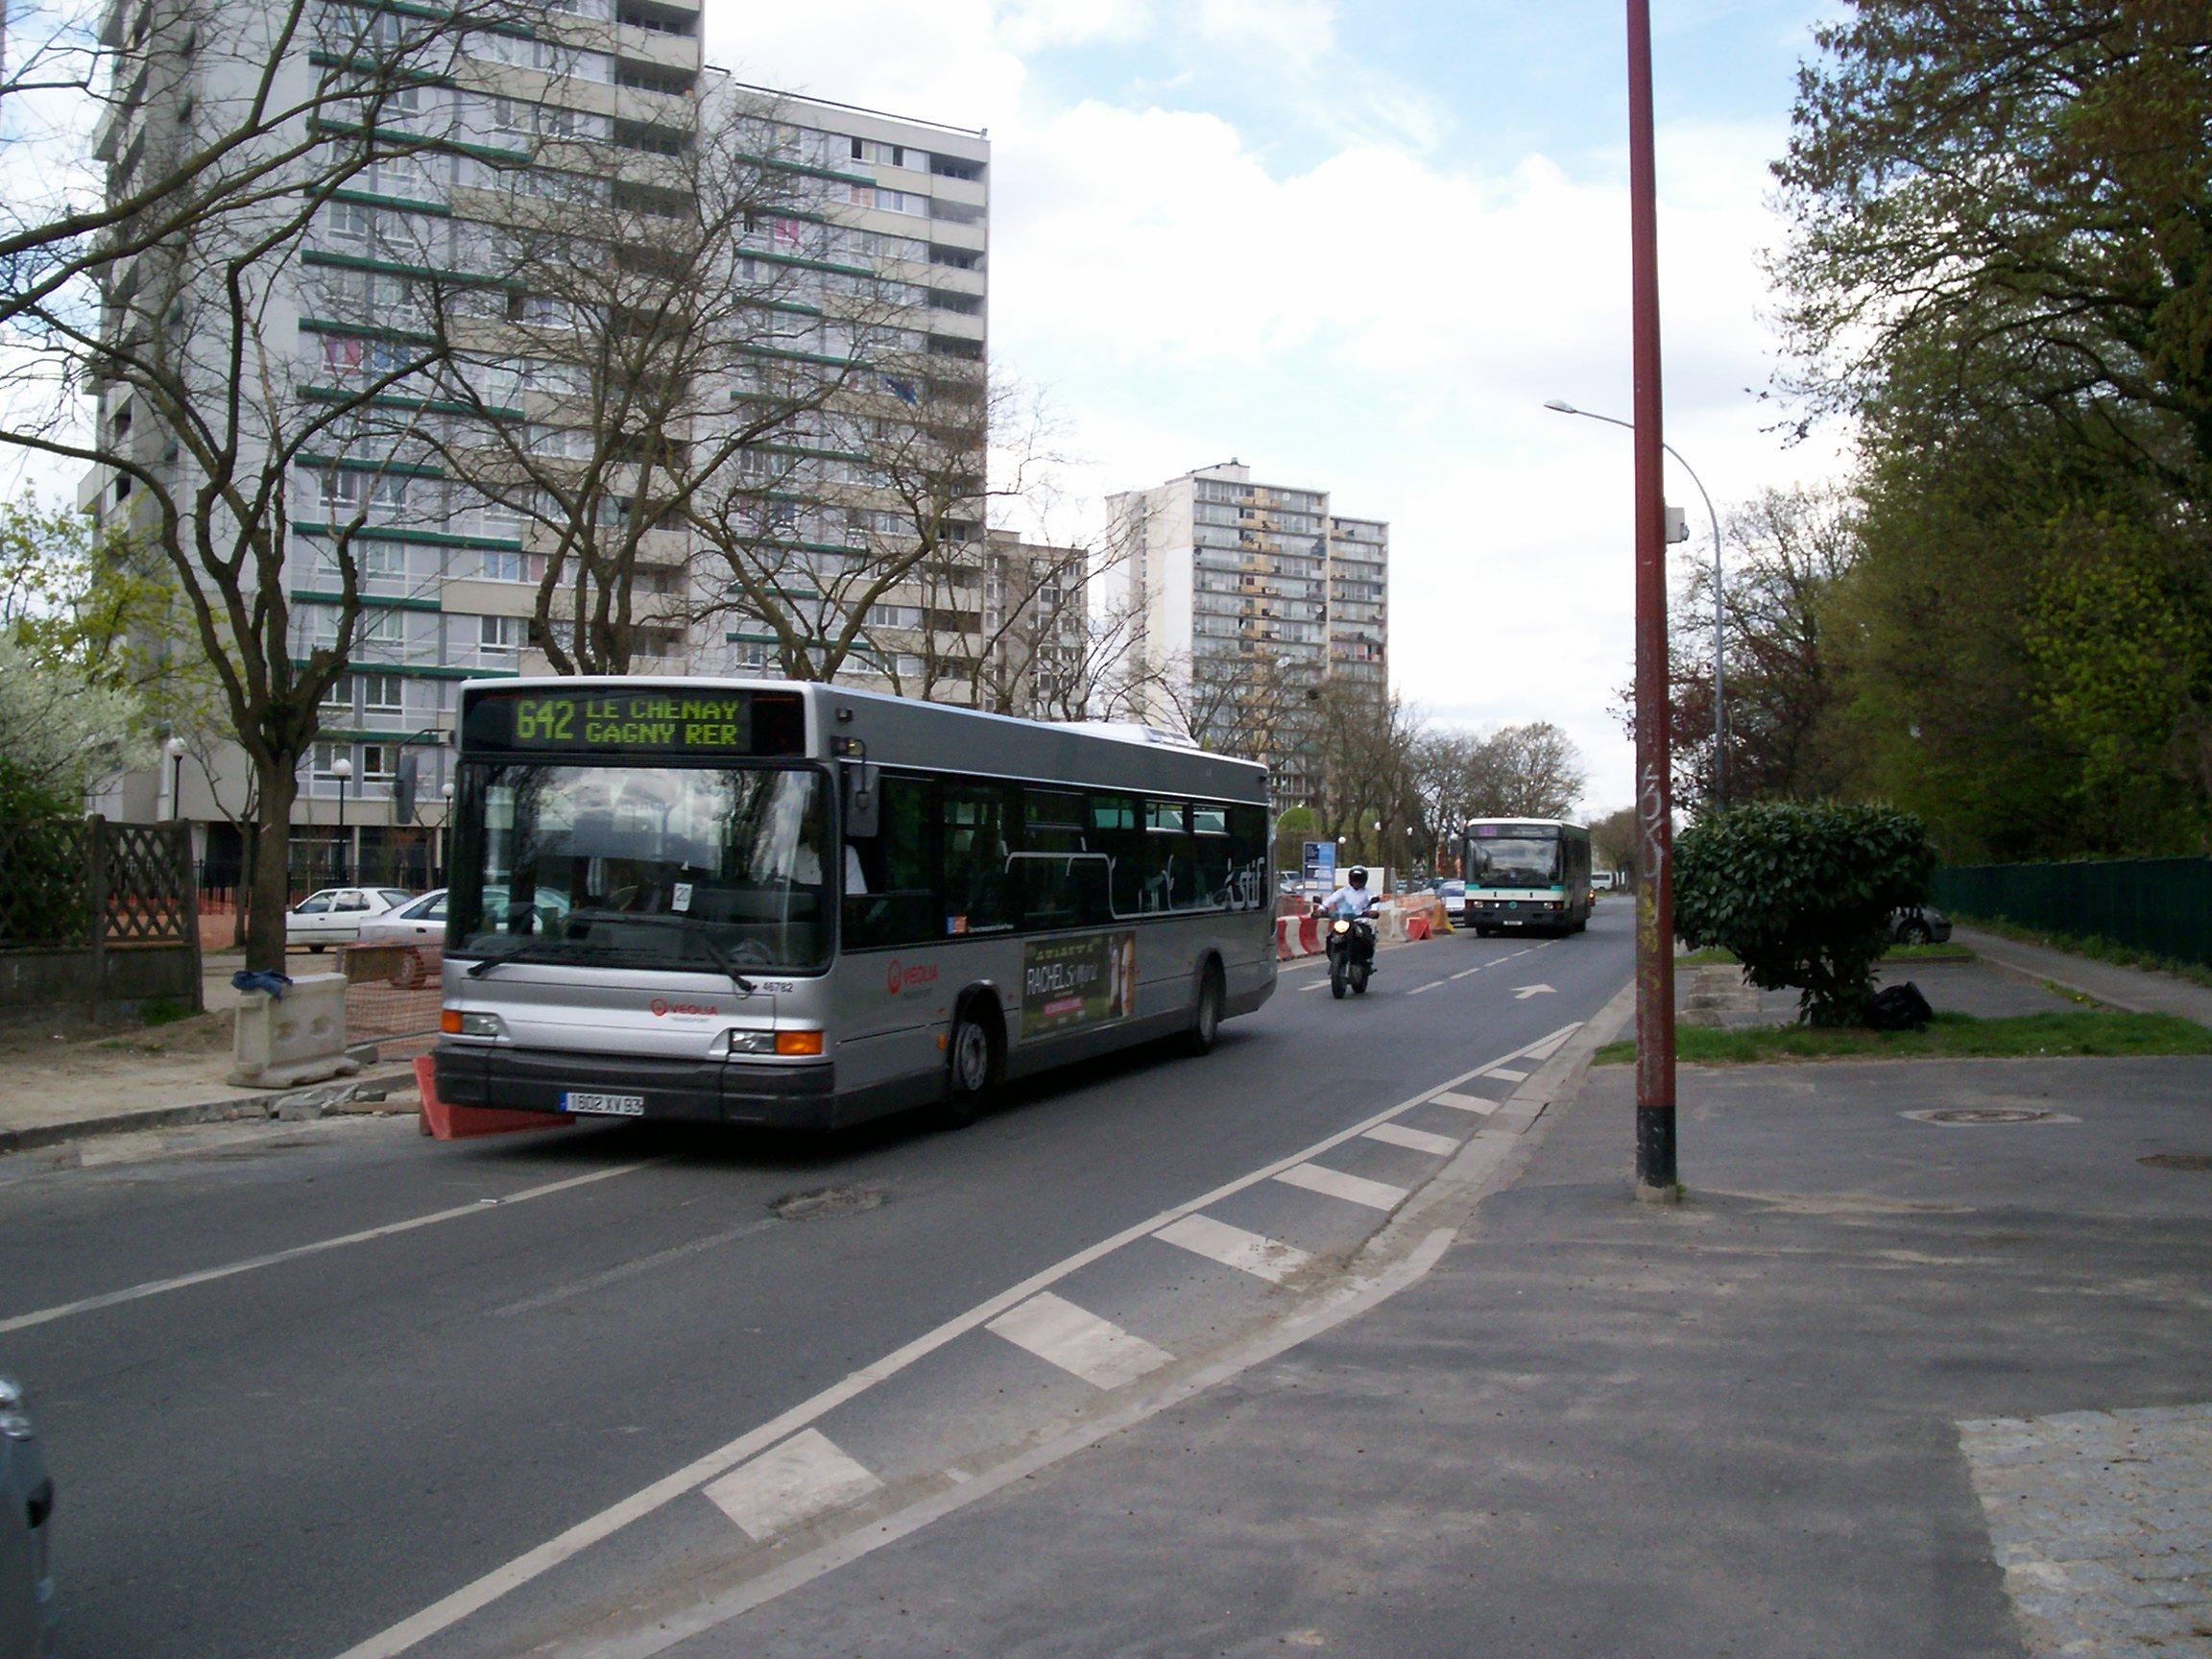 bus 642